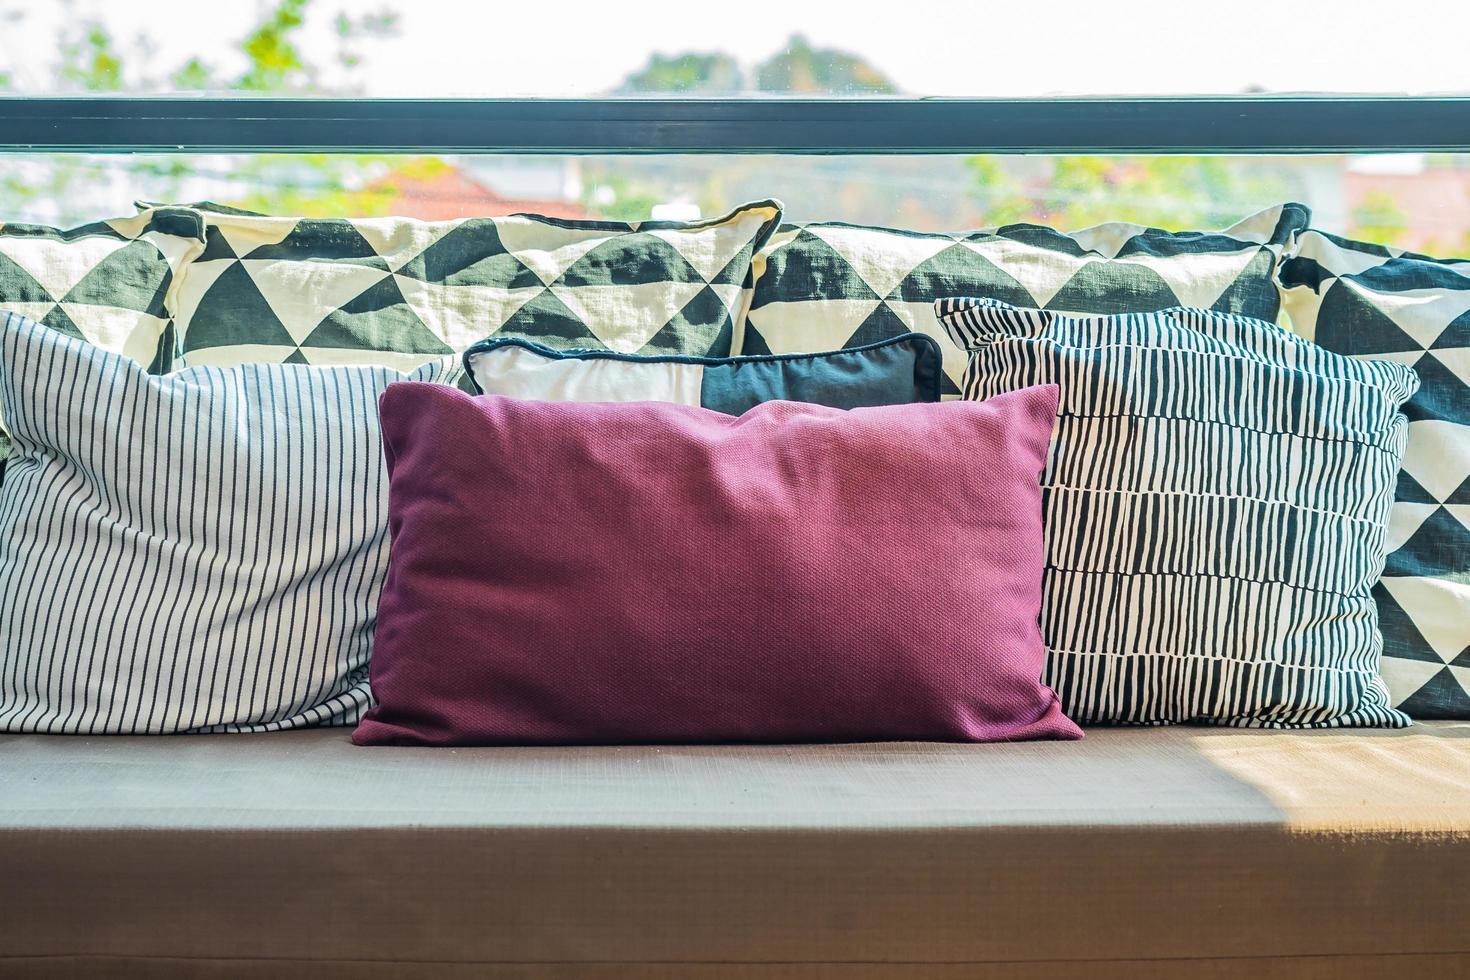 oreillers confortables sur canapé photo